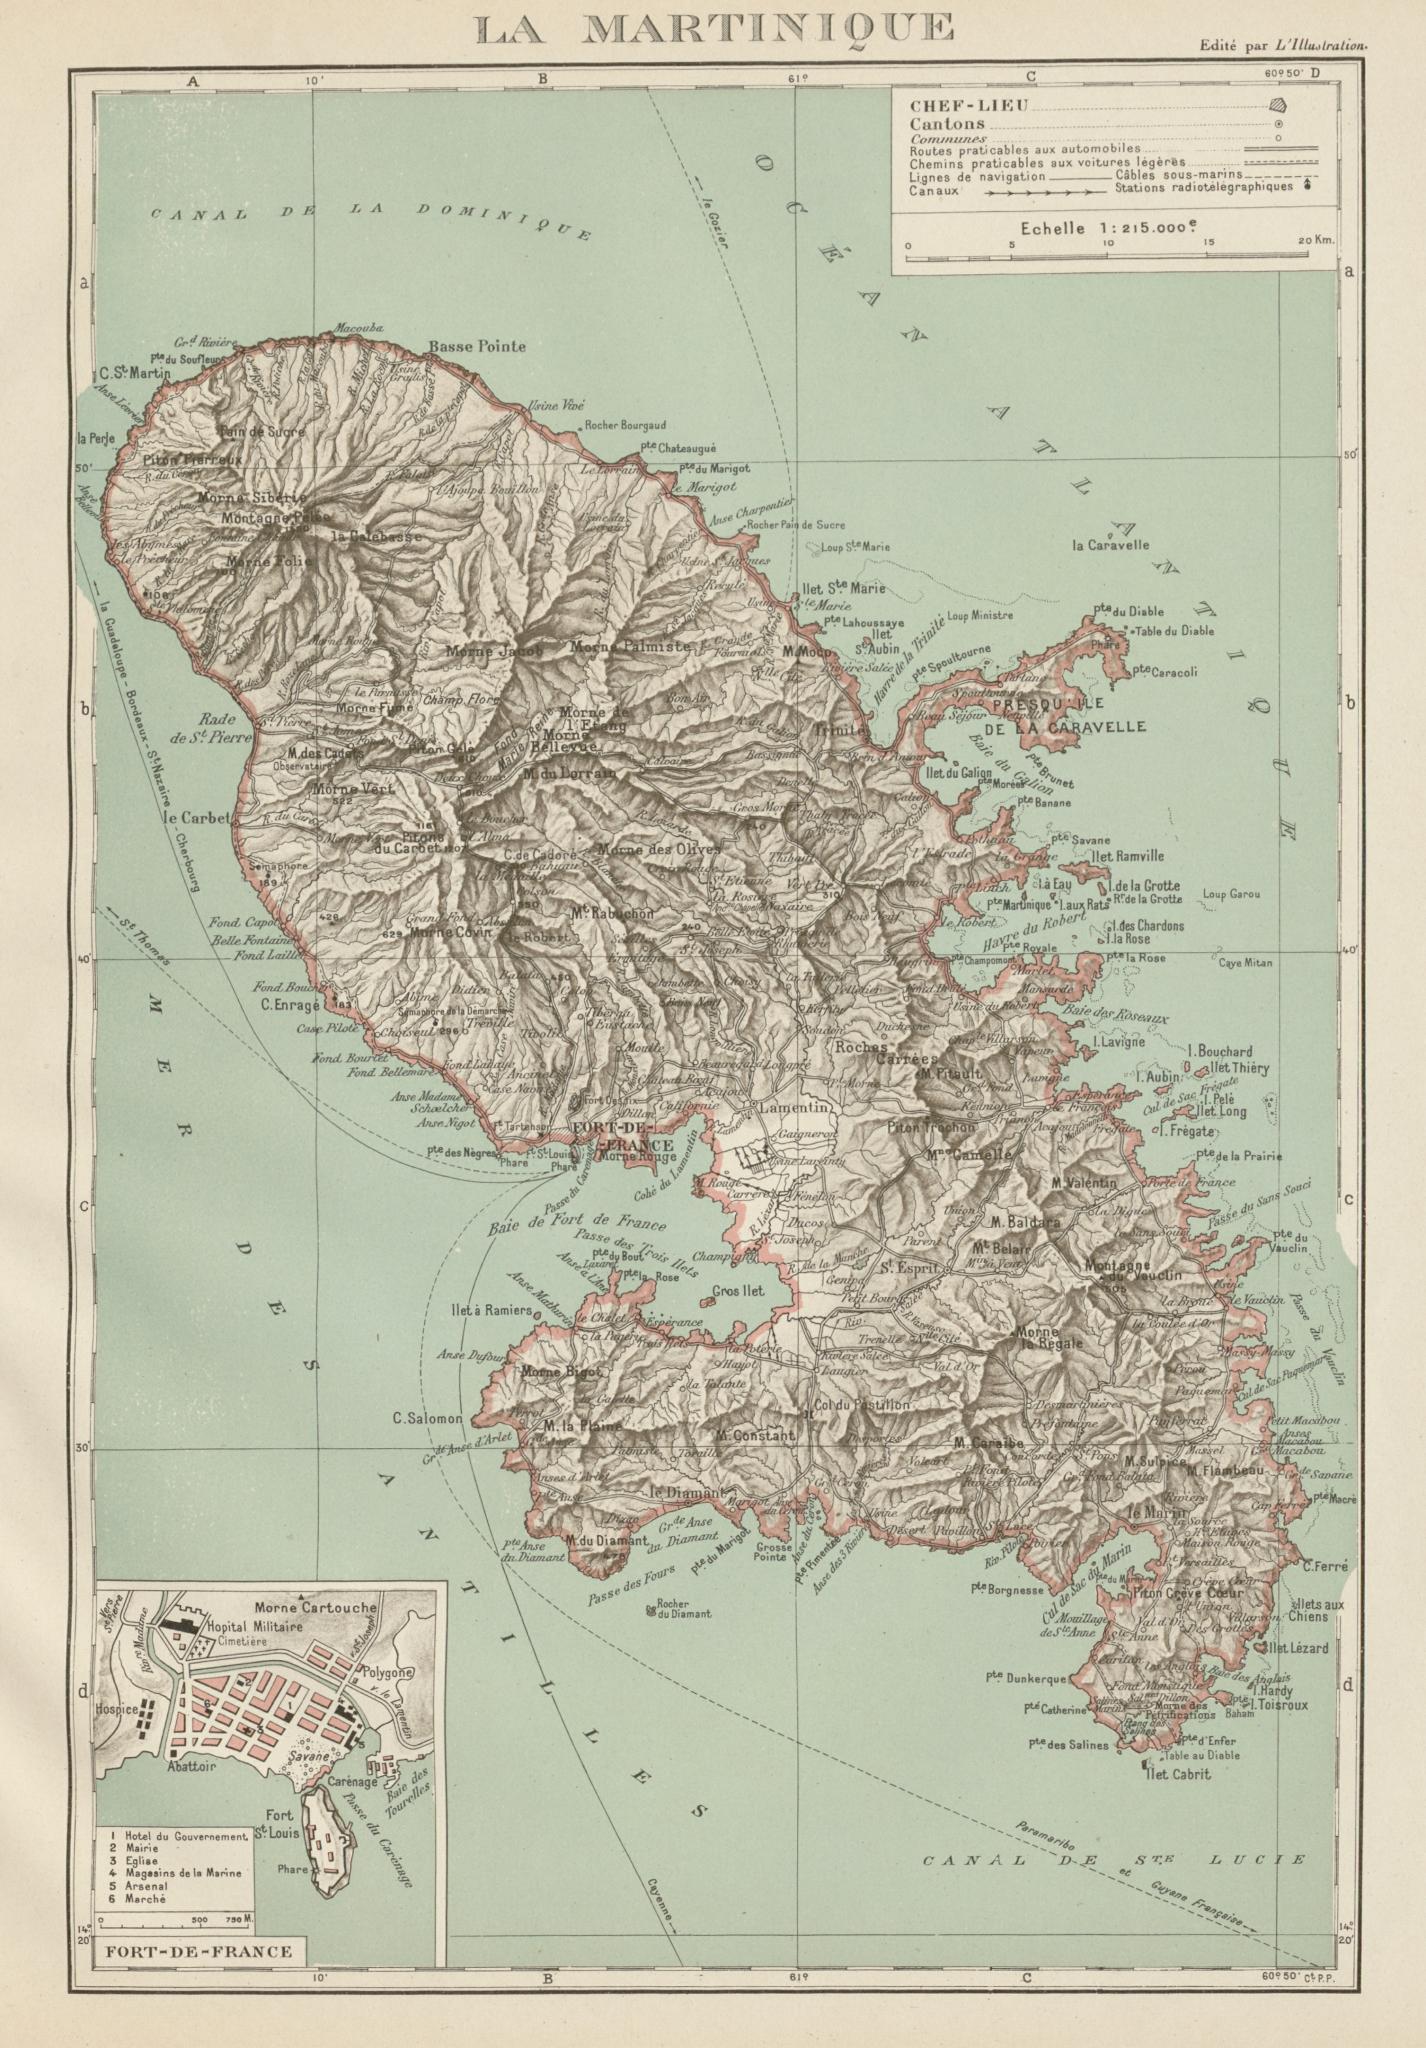 Associate Product MARTINIQUE. Fort-de-France plan. Antilles françaises French West Indies 1929 map